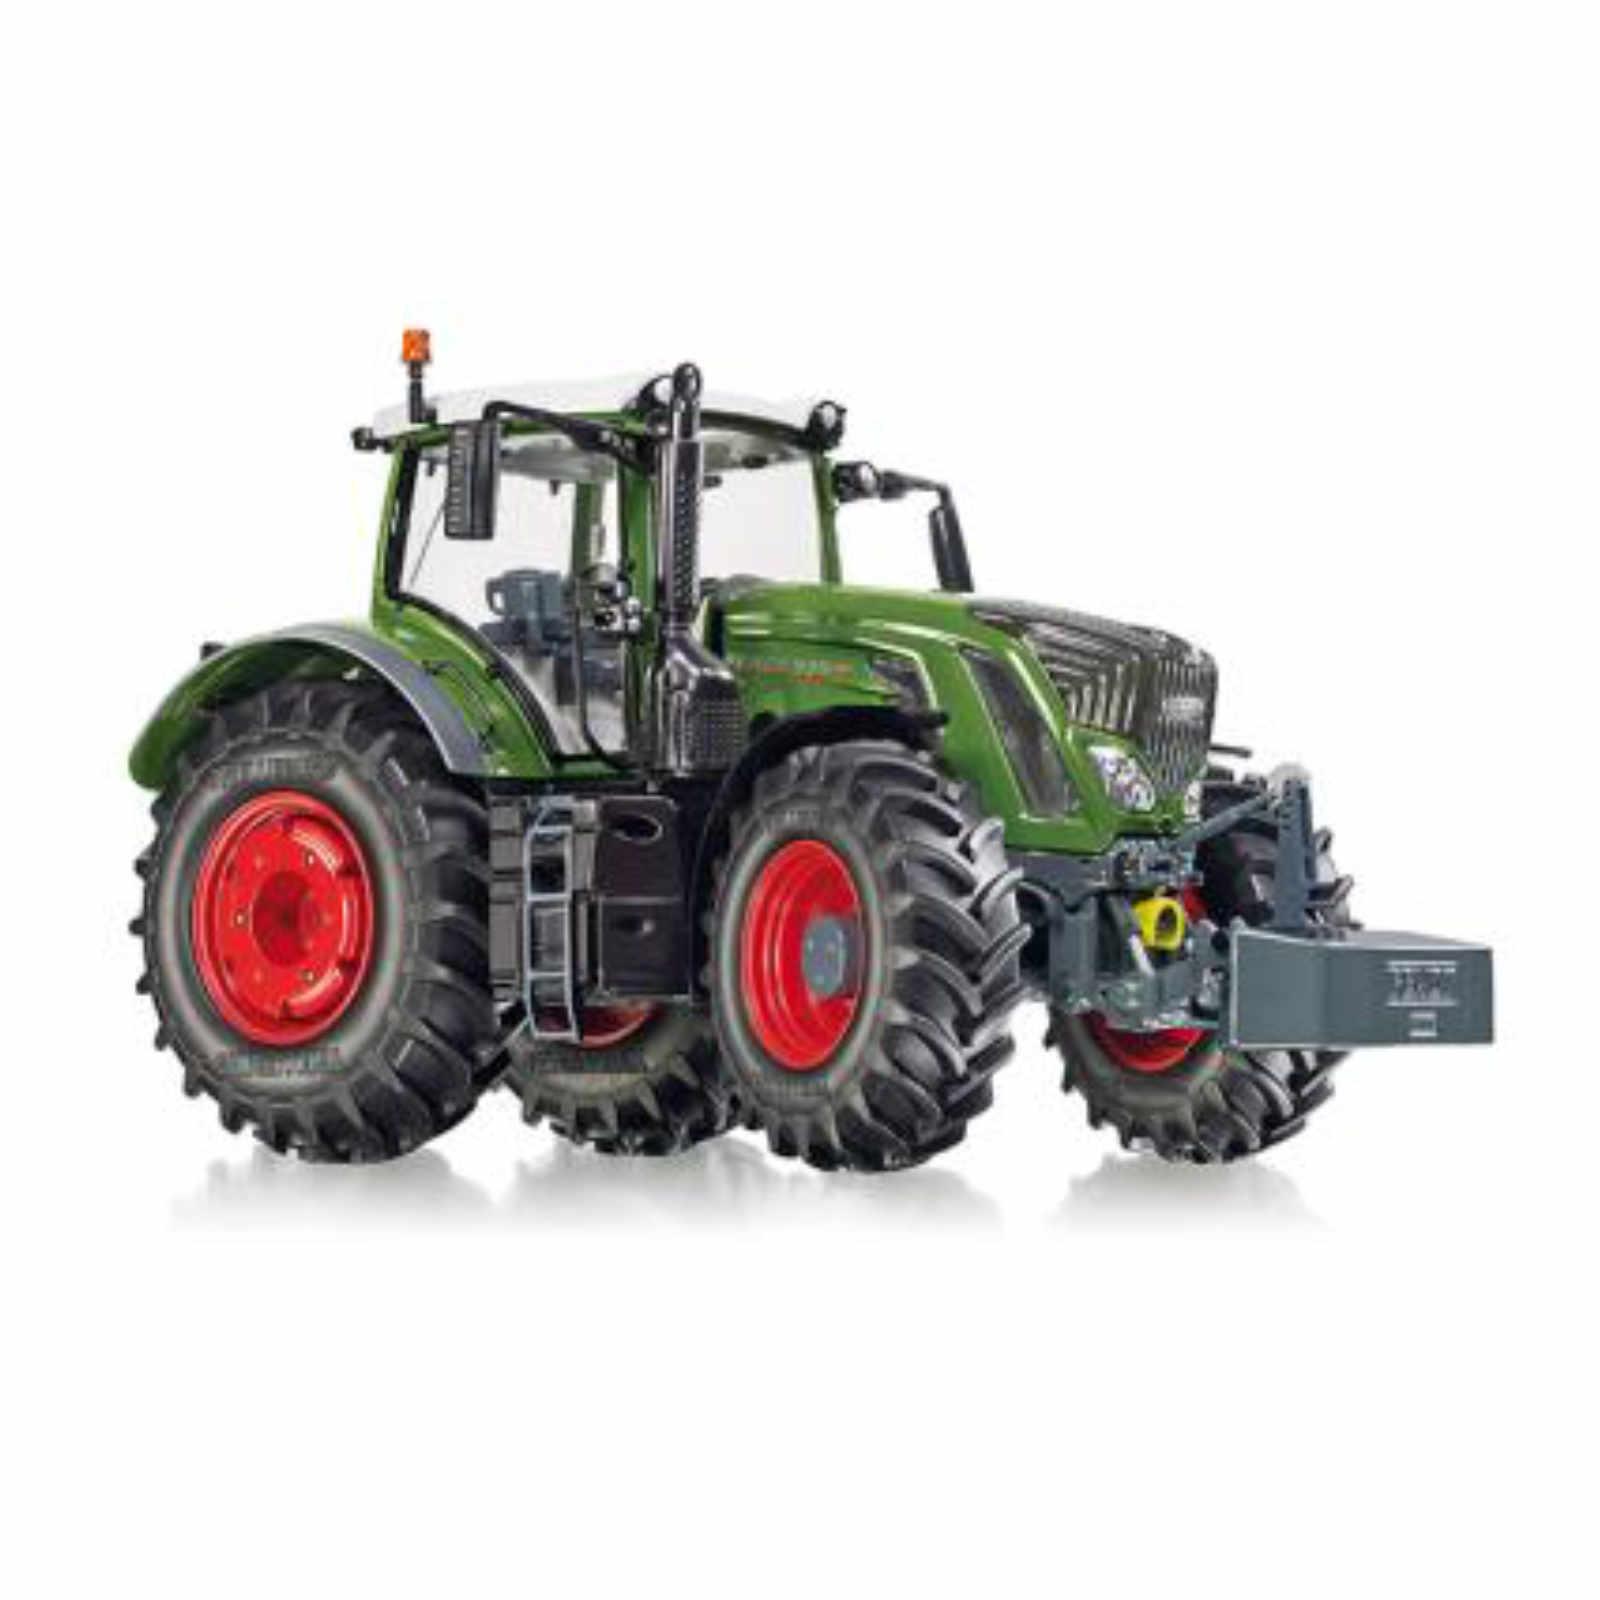 WIKING Tracteur Fendt 939 Vario (2014) 1 32 7343